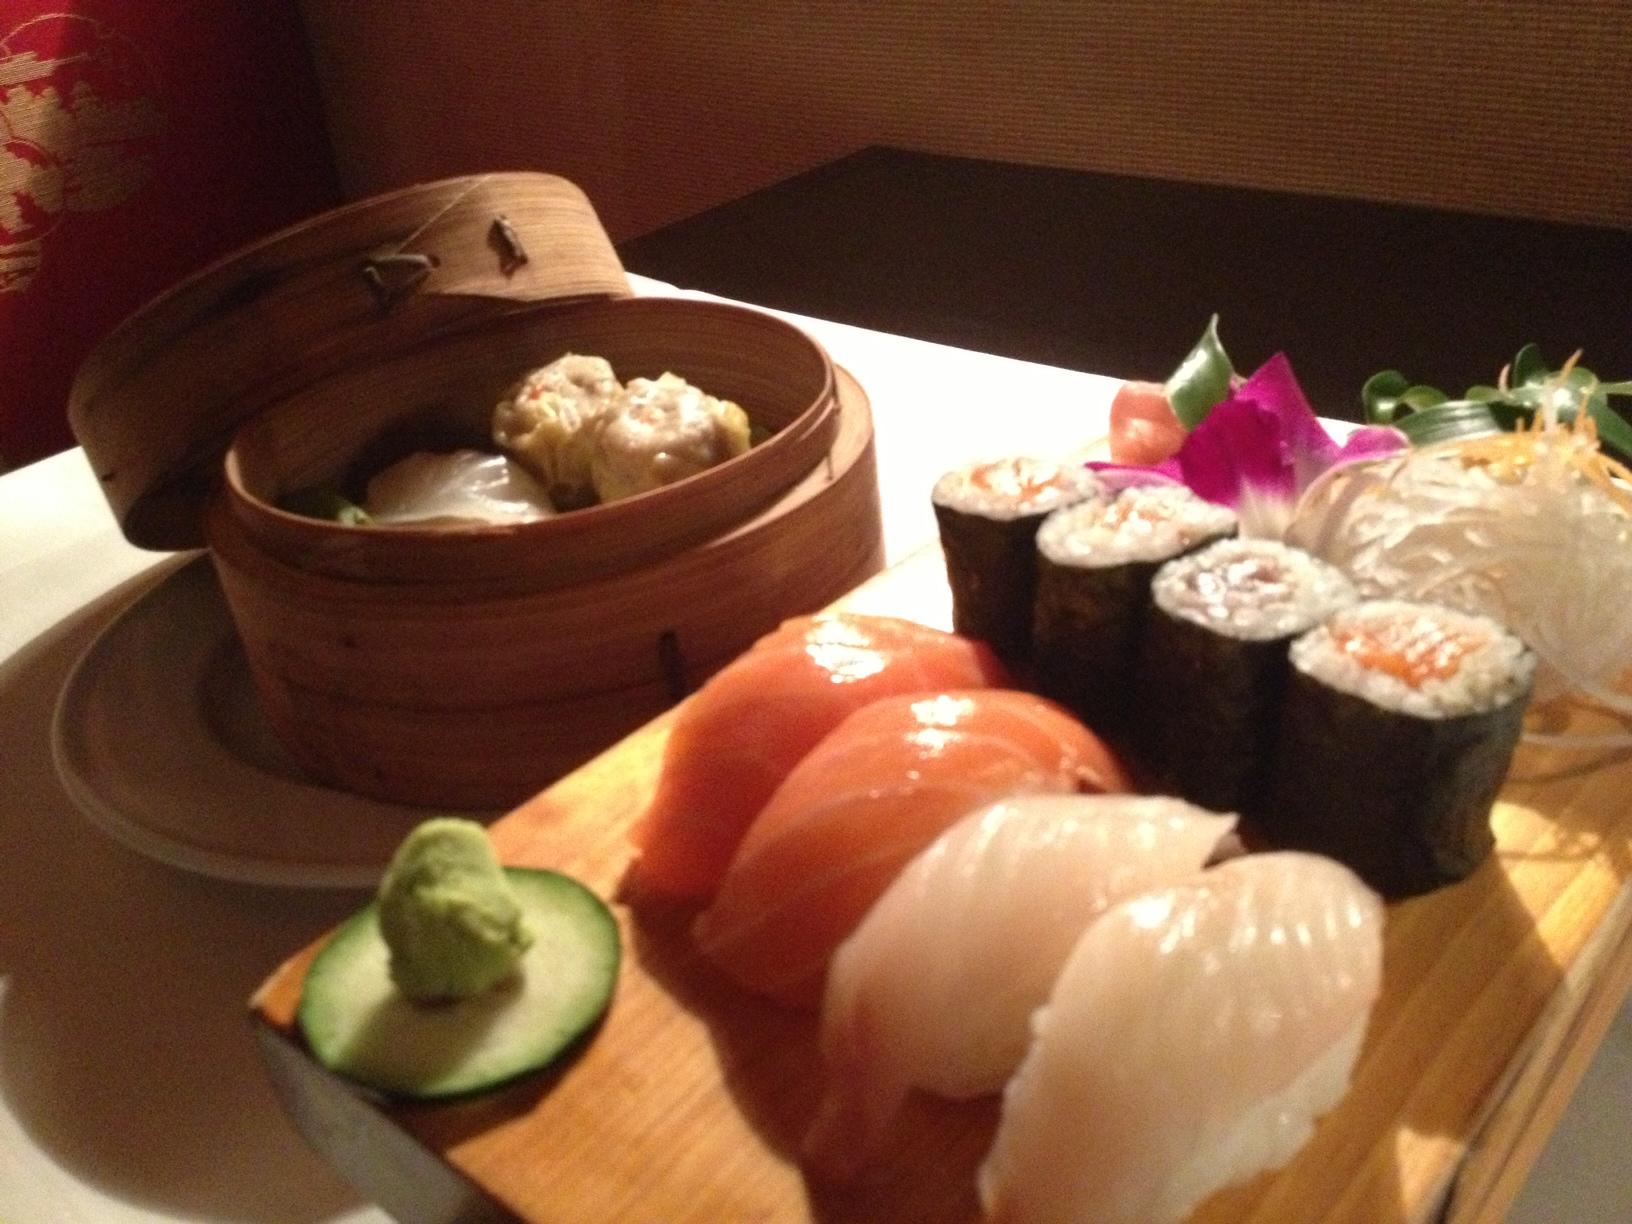 Los mejores restaurantes japoneses y asi ticos de valencia - Restaurante tastem valencia ...